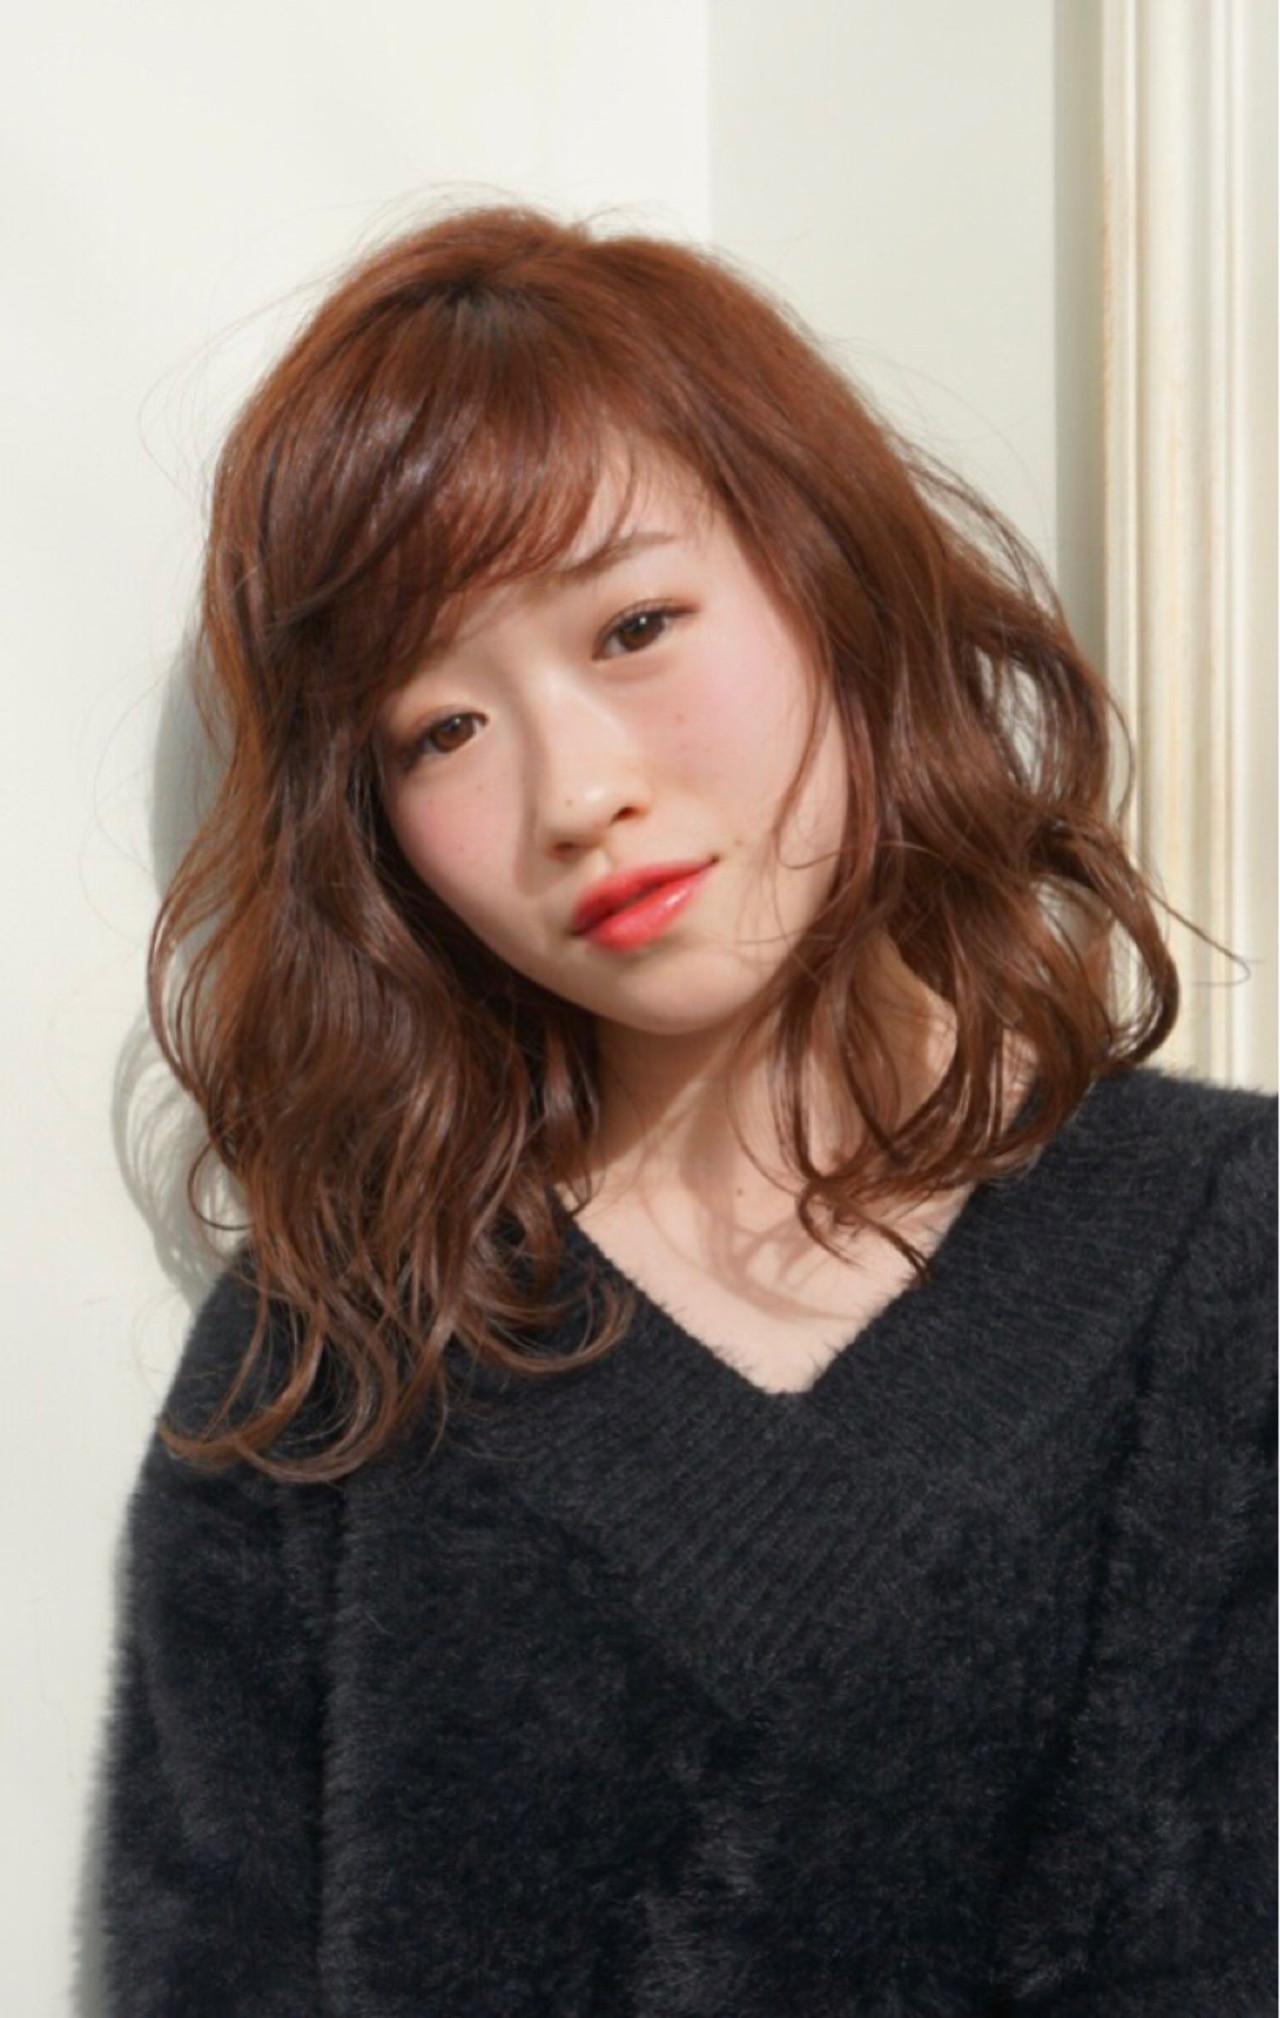 ミディアム 伸ばしかけ 女子力 オフィス ヘアスタイルや髪型の写真・画像